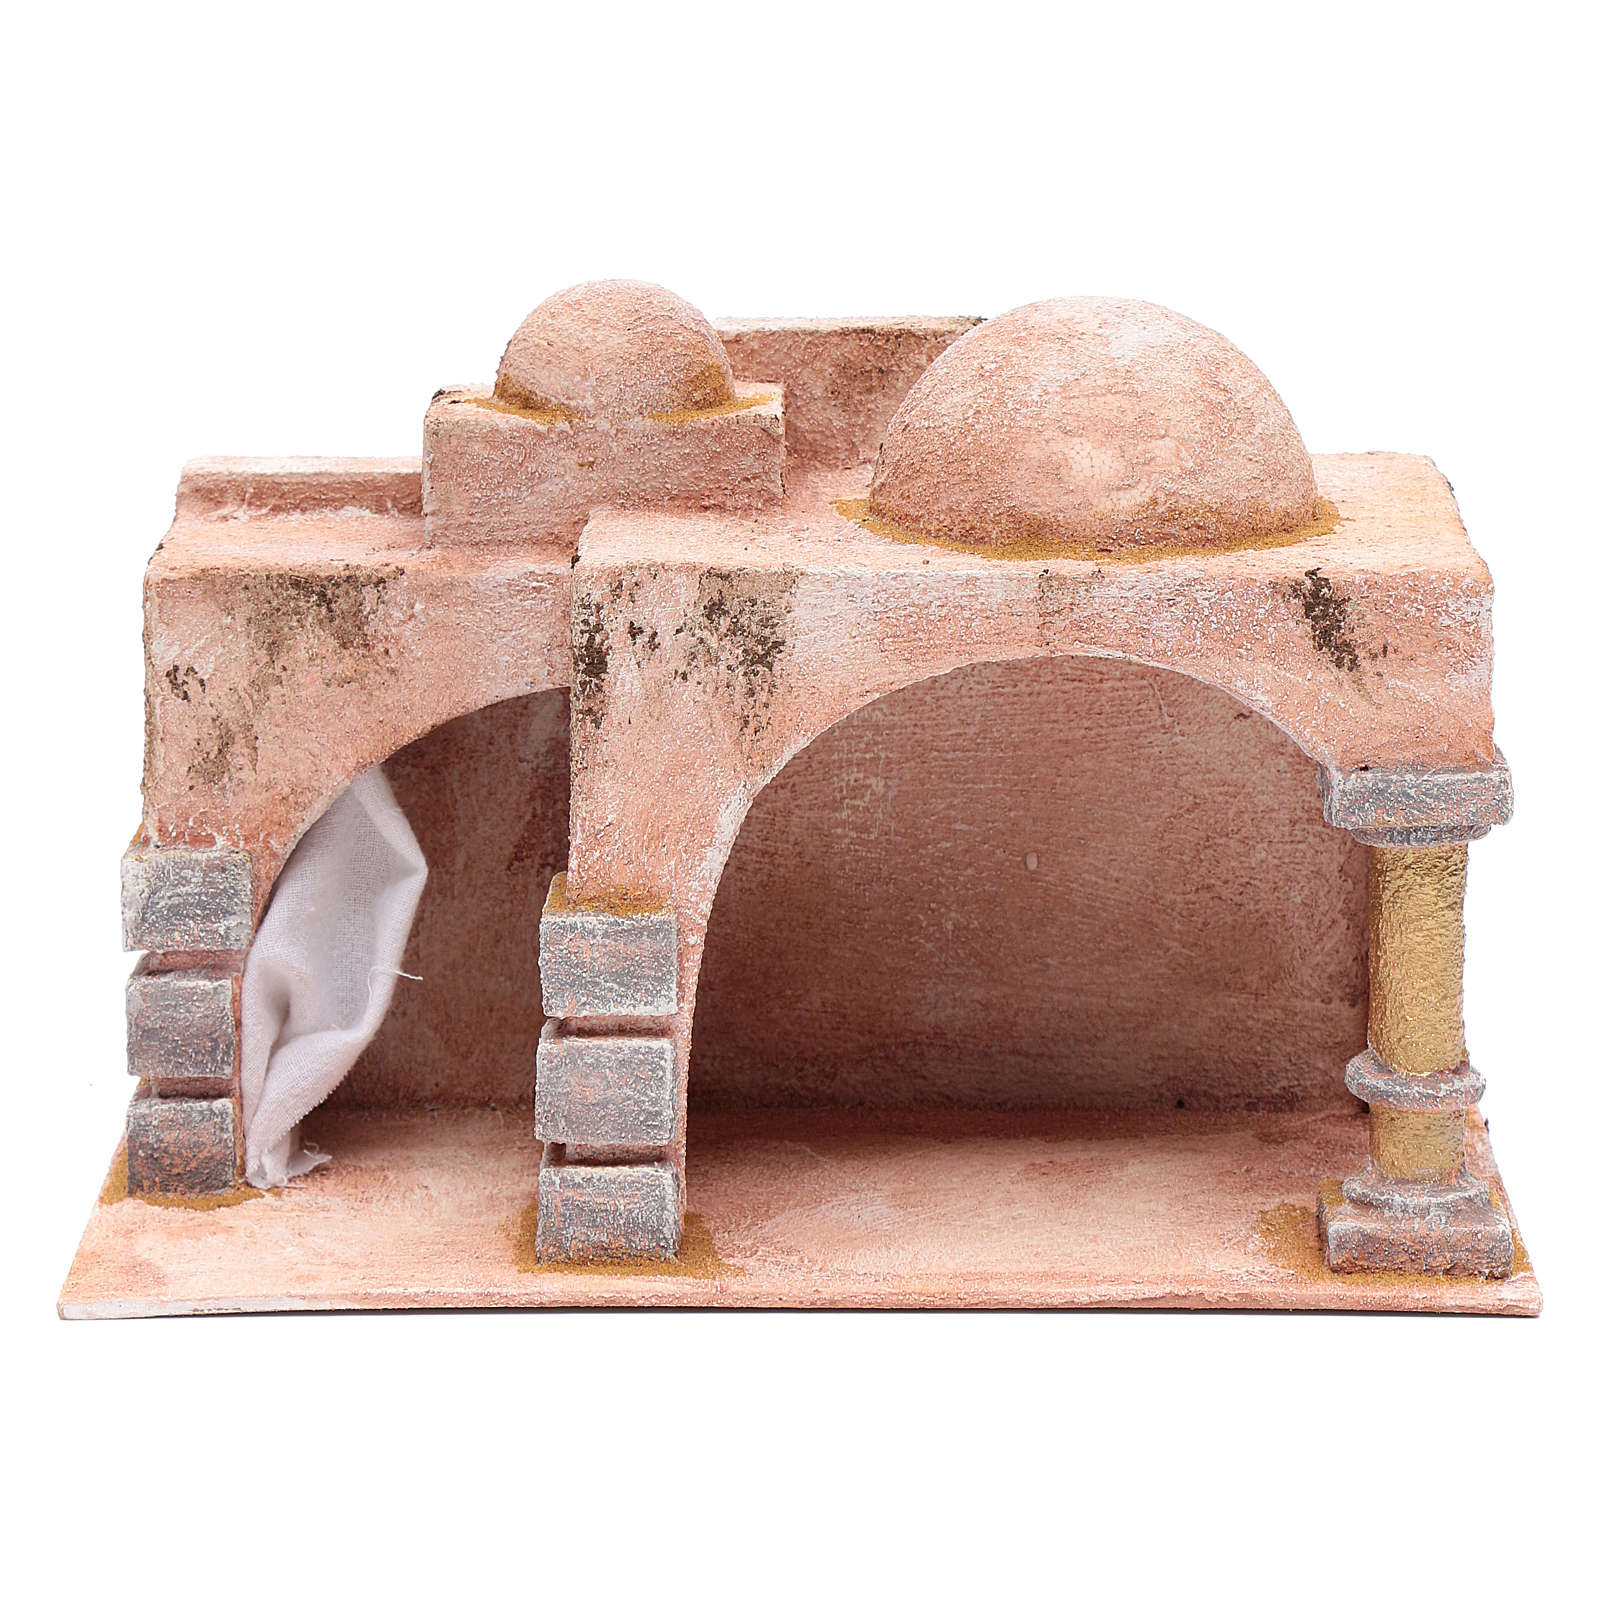 Cabaña estilo árabe porticado 19x29x14,5 cm 4